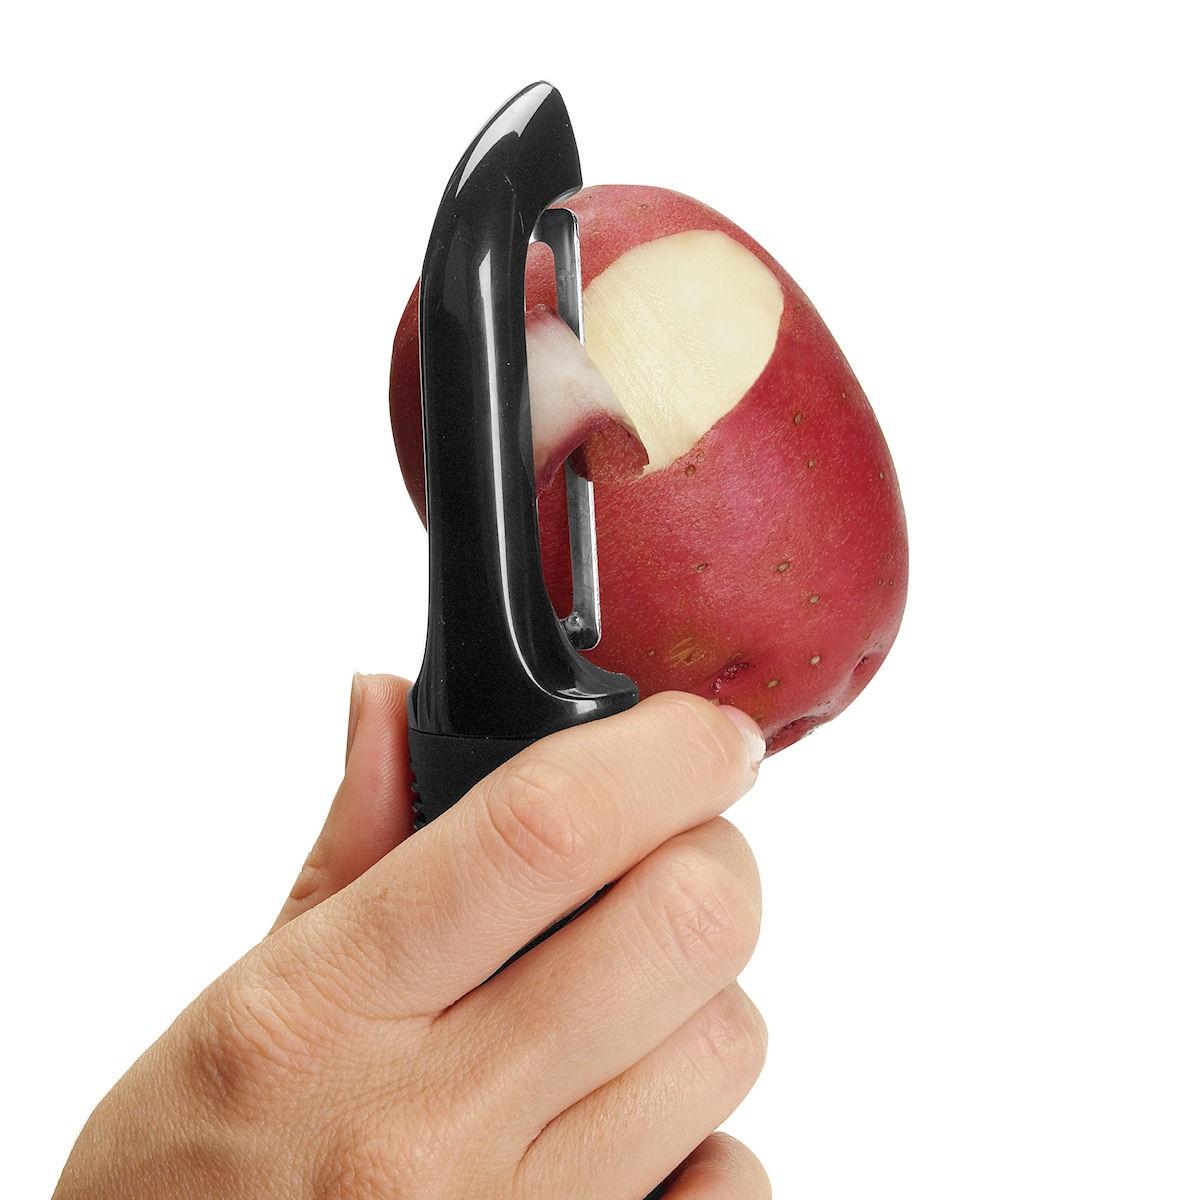 Oxo Good Grips obieraczka do warzyw i owoców